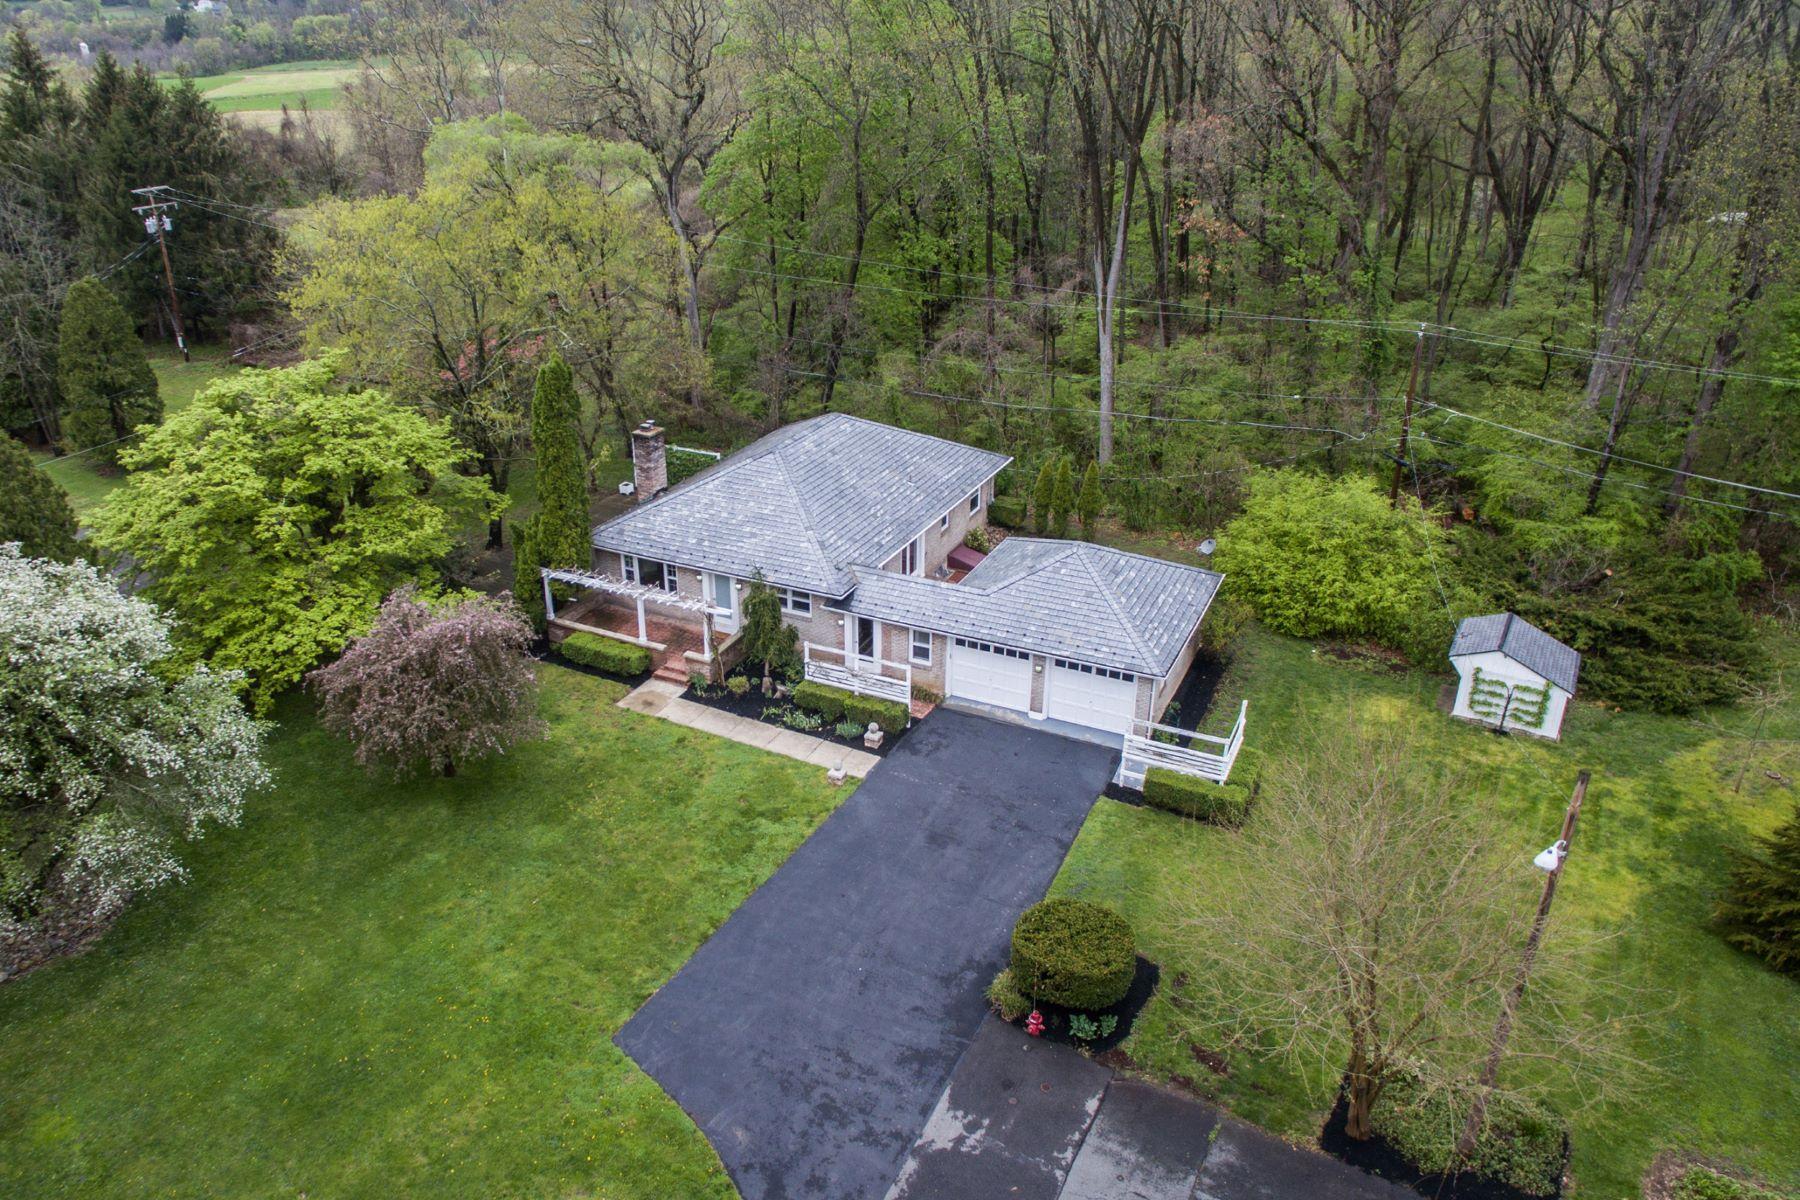 Частный односемейный дом для того Продажа на 329 Elmwood Lane 329 ELMWOOD LN Riegelsville, 18077 Соединенные Штаты